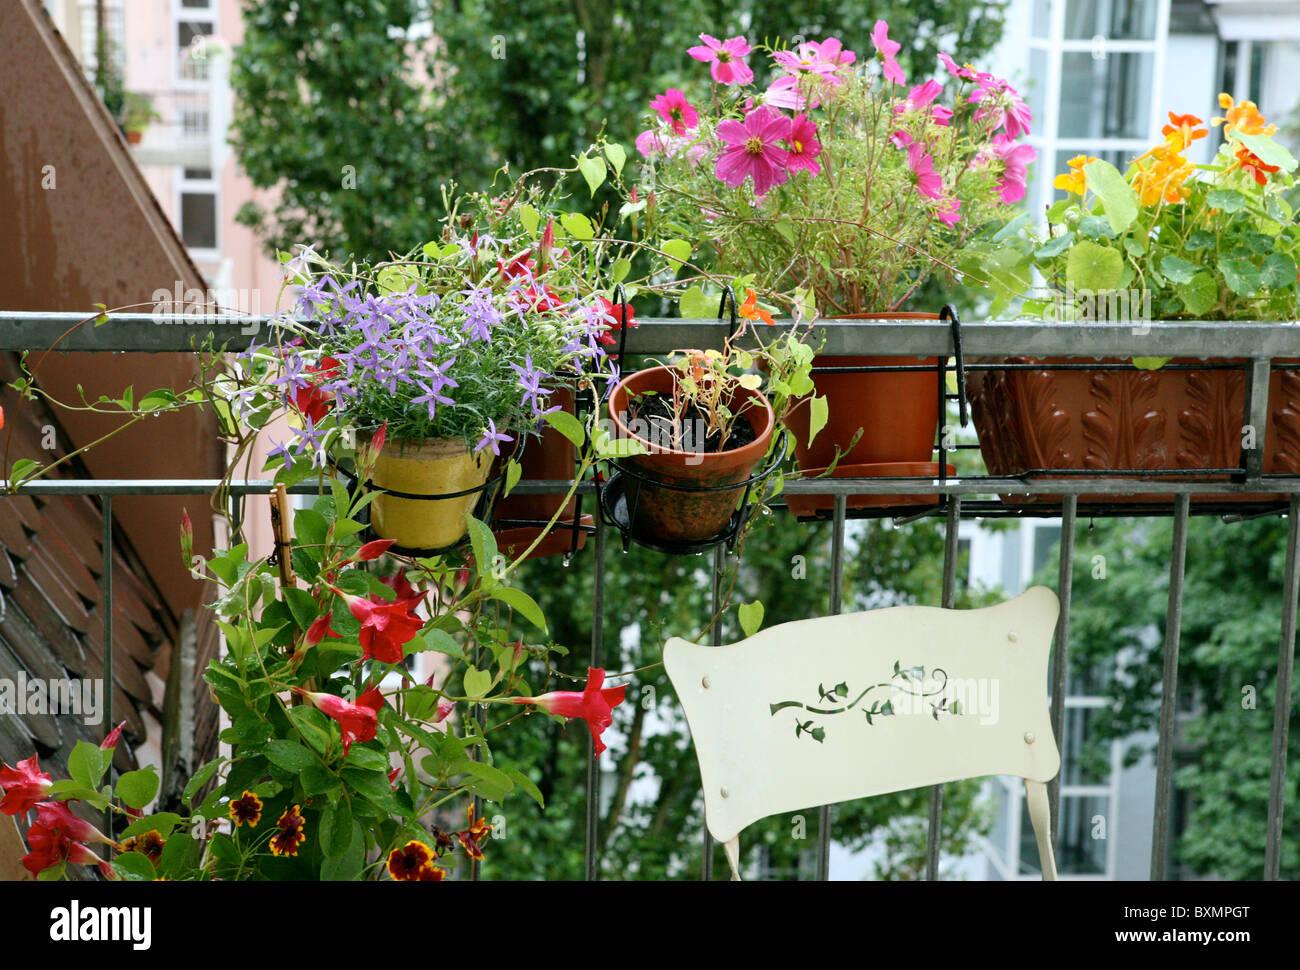 Blumen, Balkon   Stock Image